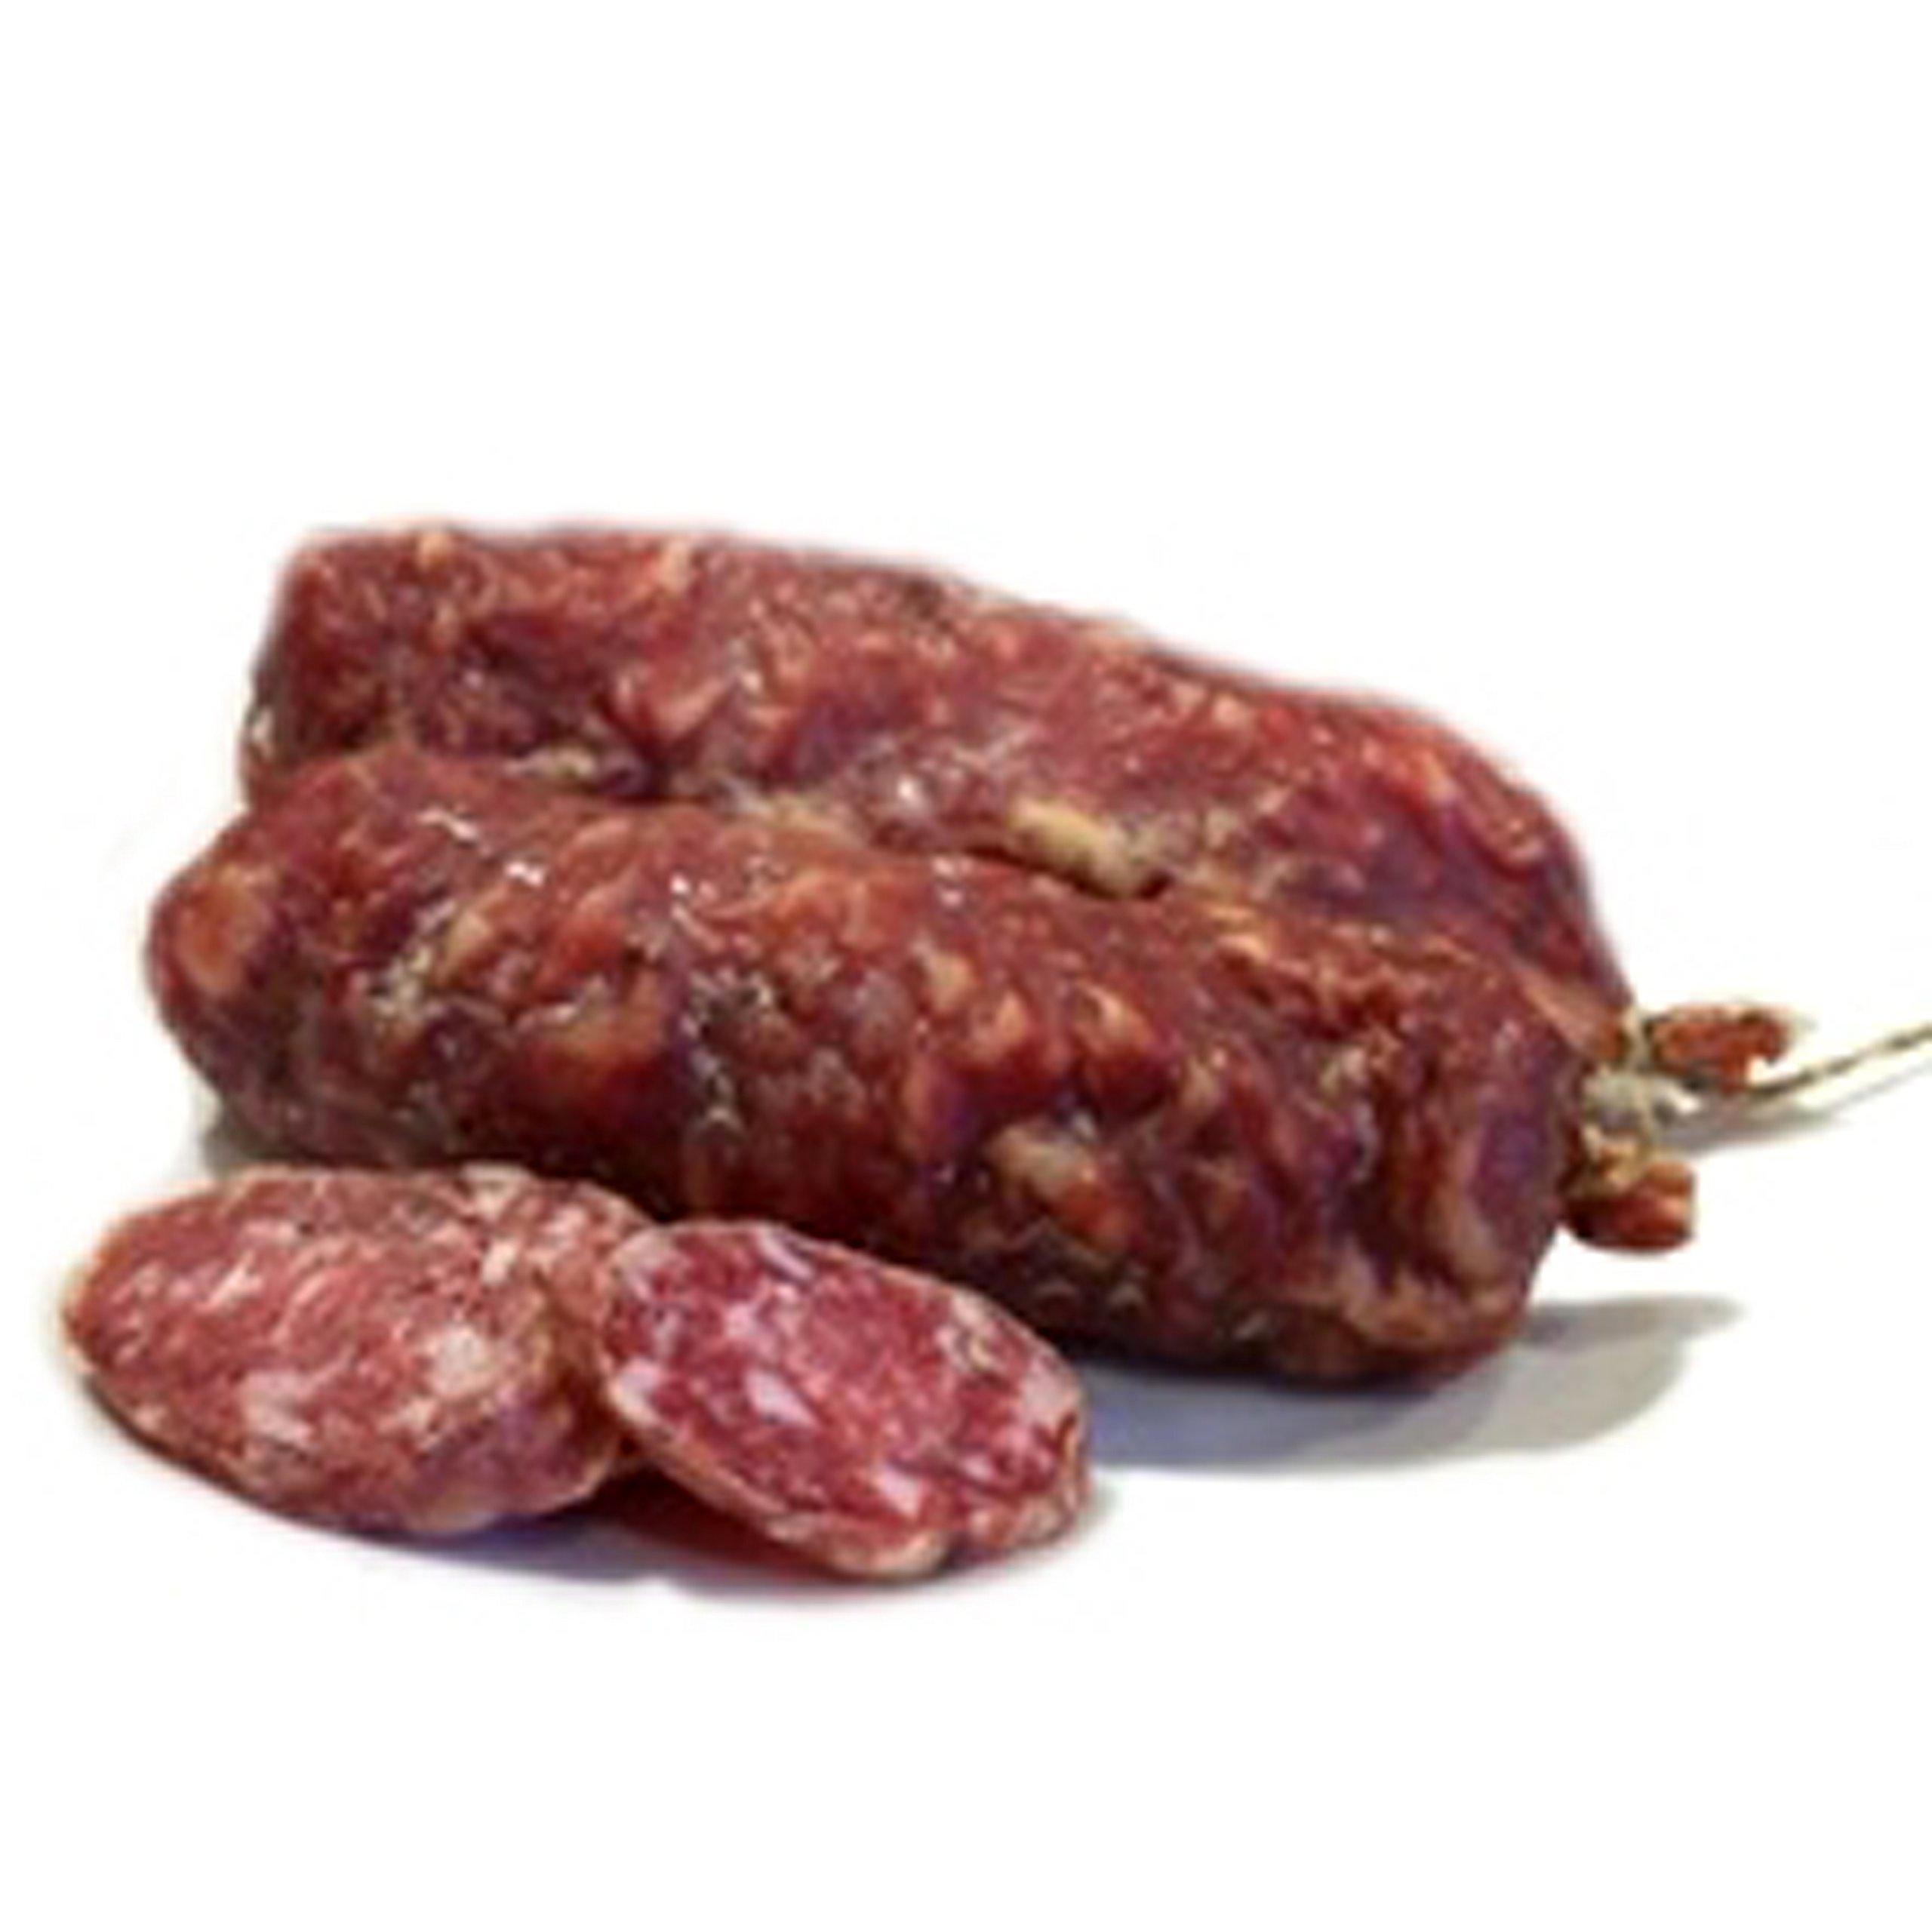 Cacciatorini Dry Cured Italian Sausage